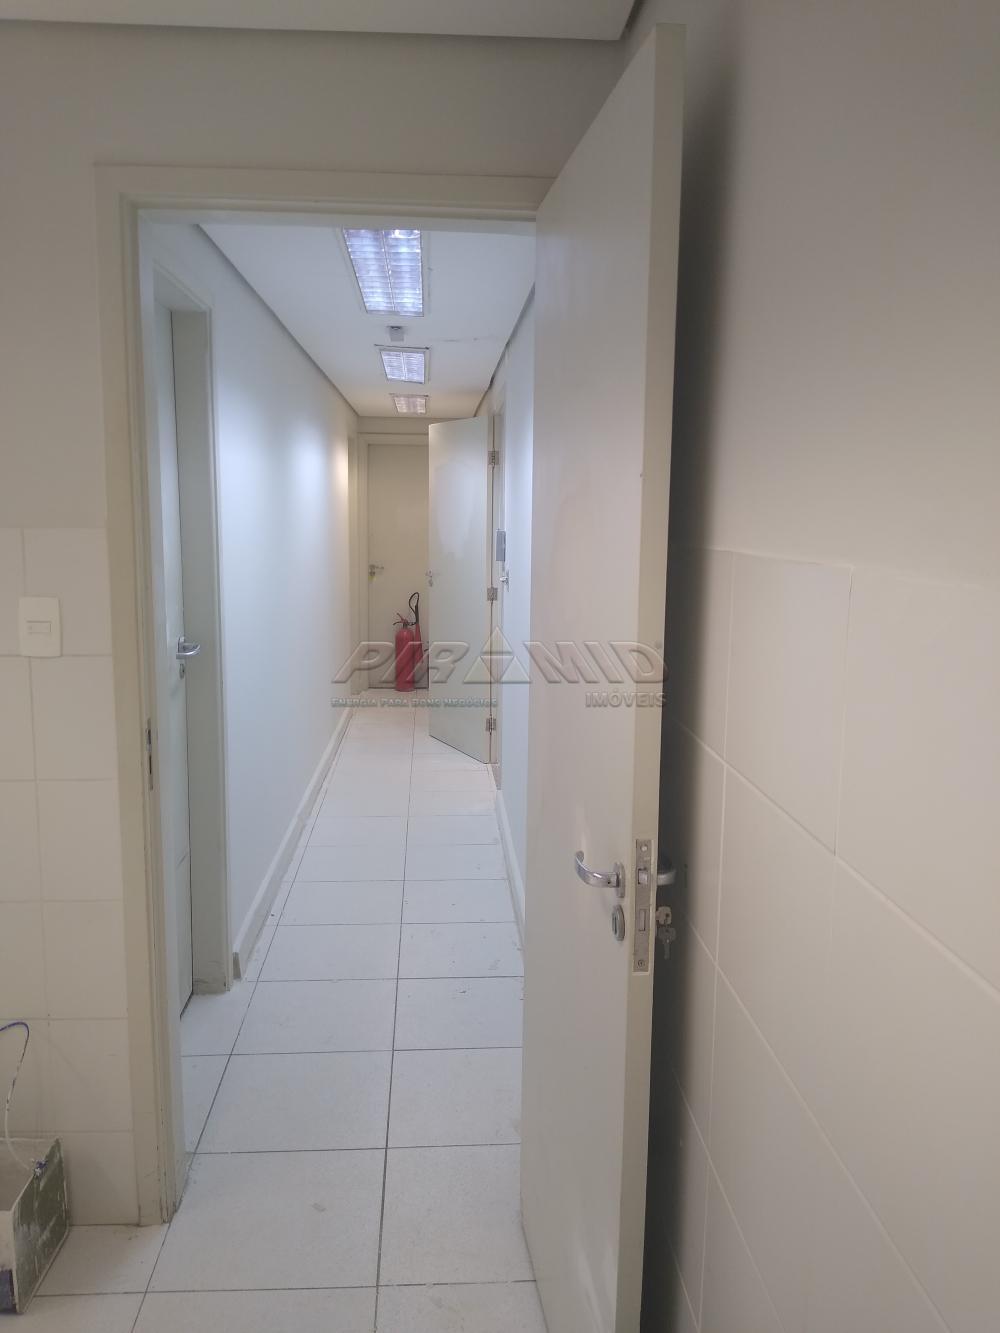 Alugar Comercial / Prédio em Ribeirão Preto apenas R$ 16.000,00 - Foto 67